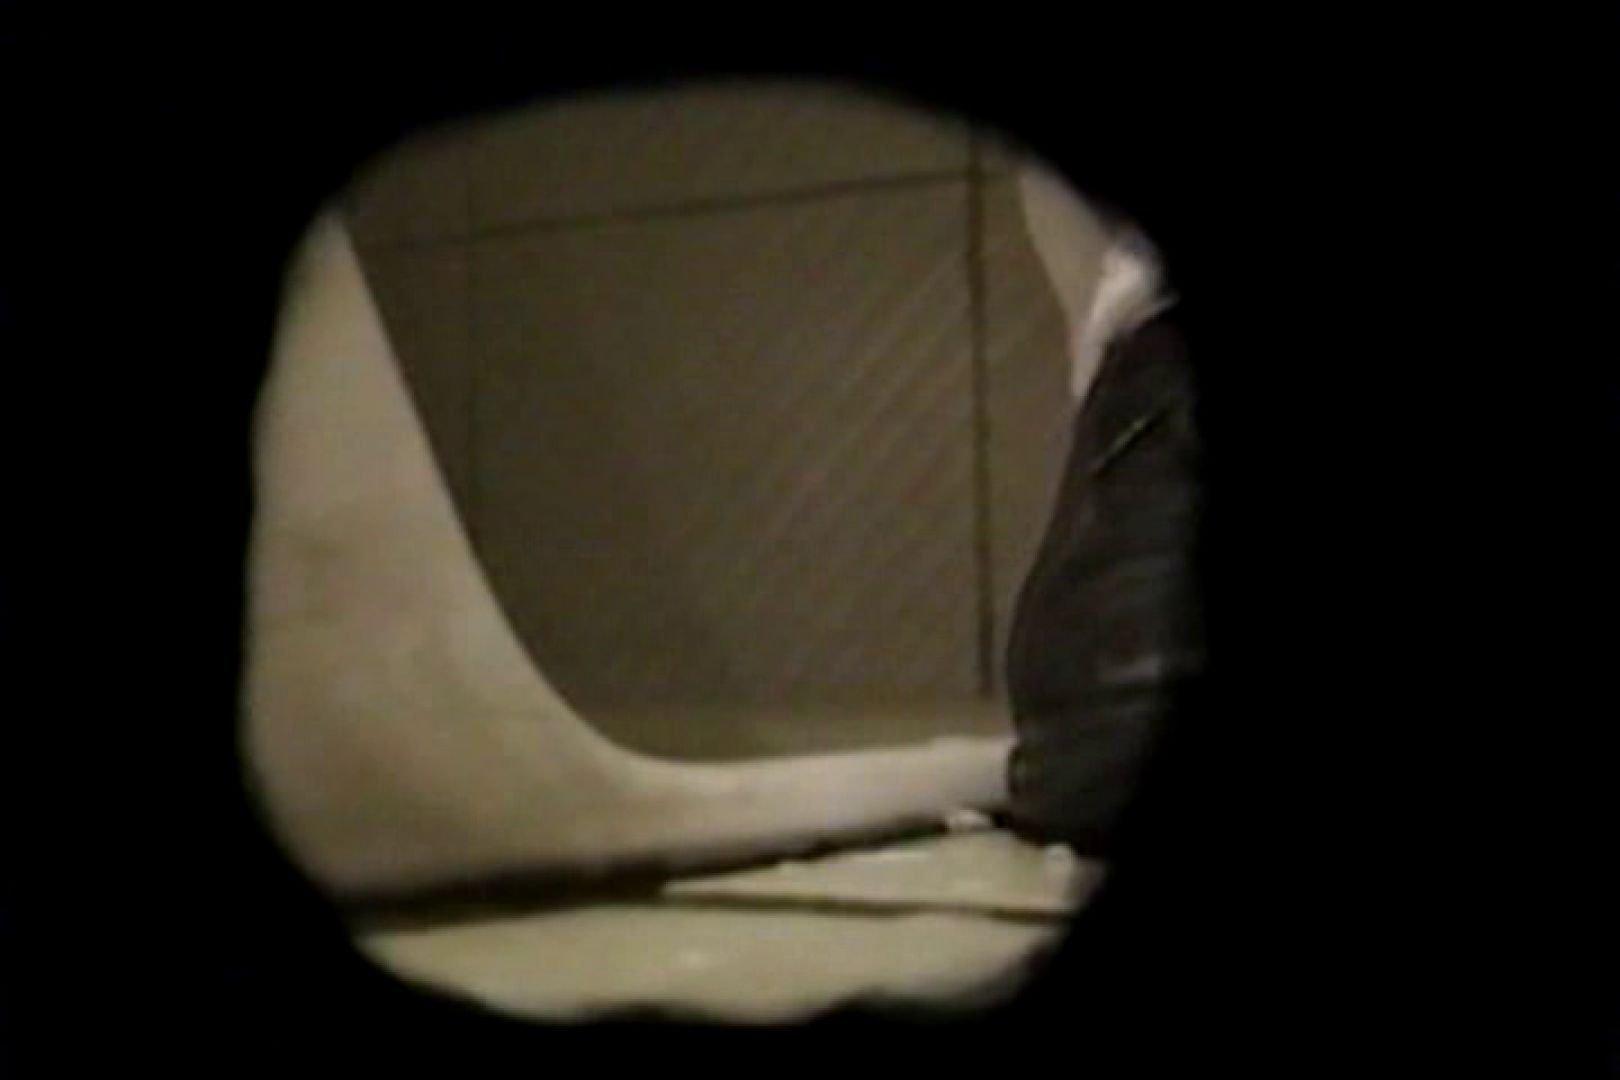 盗撮 女子洗面所3ヶ所入ってしゃがんで音出して プライベート  67pic 28